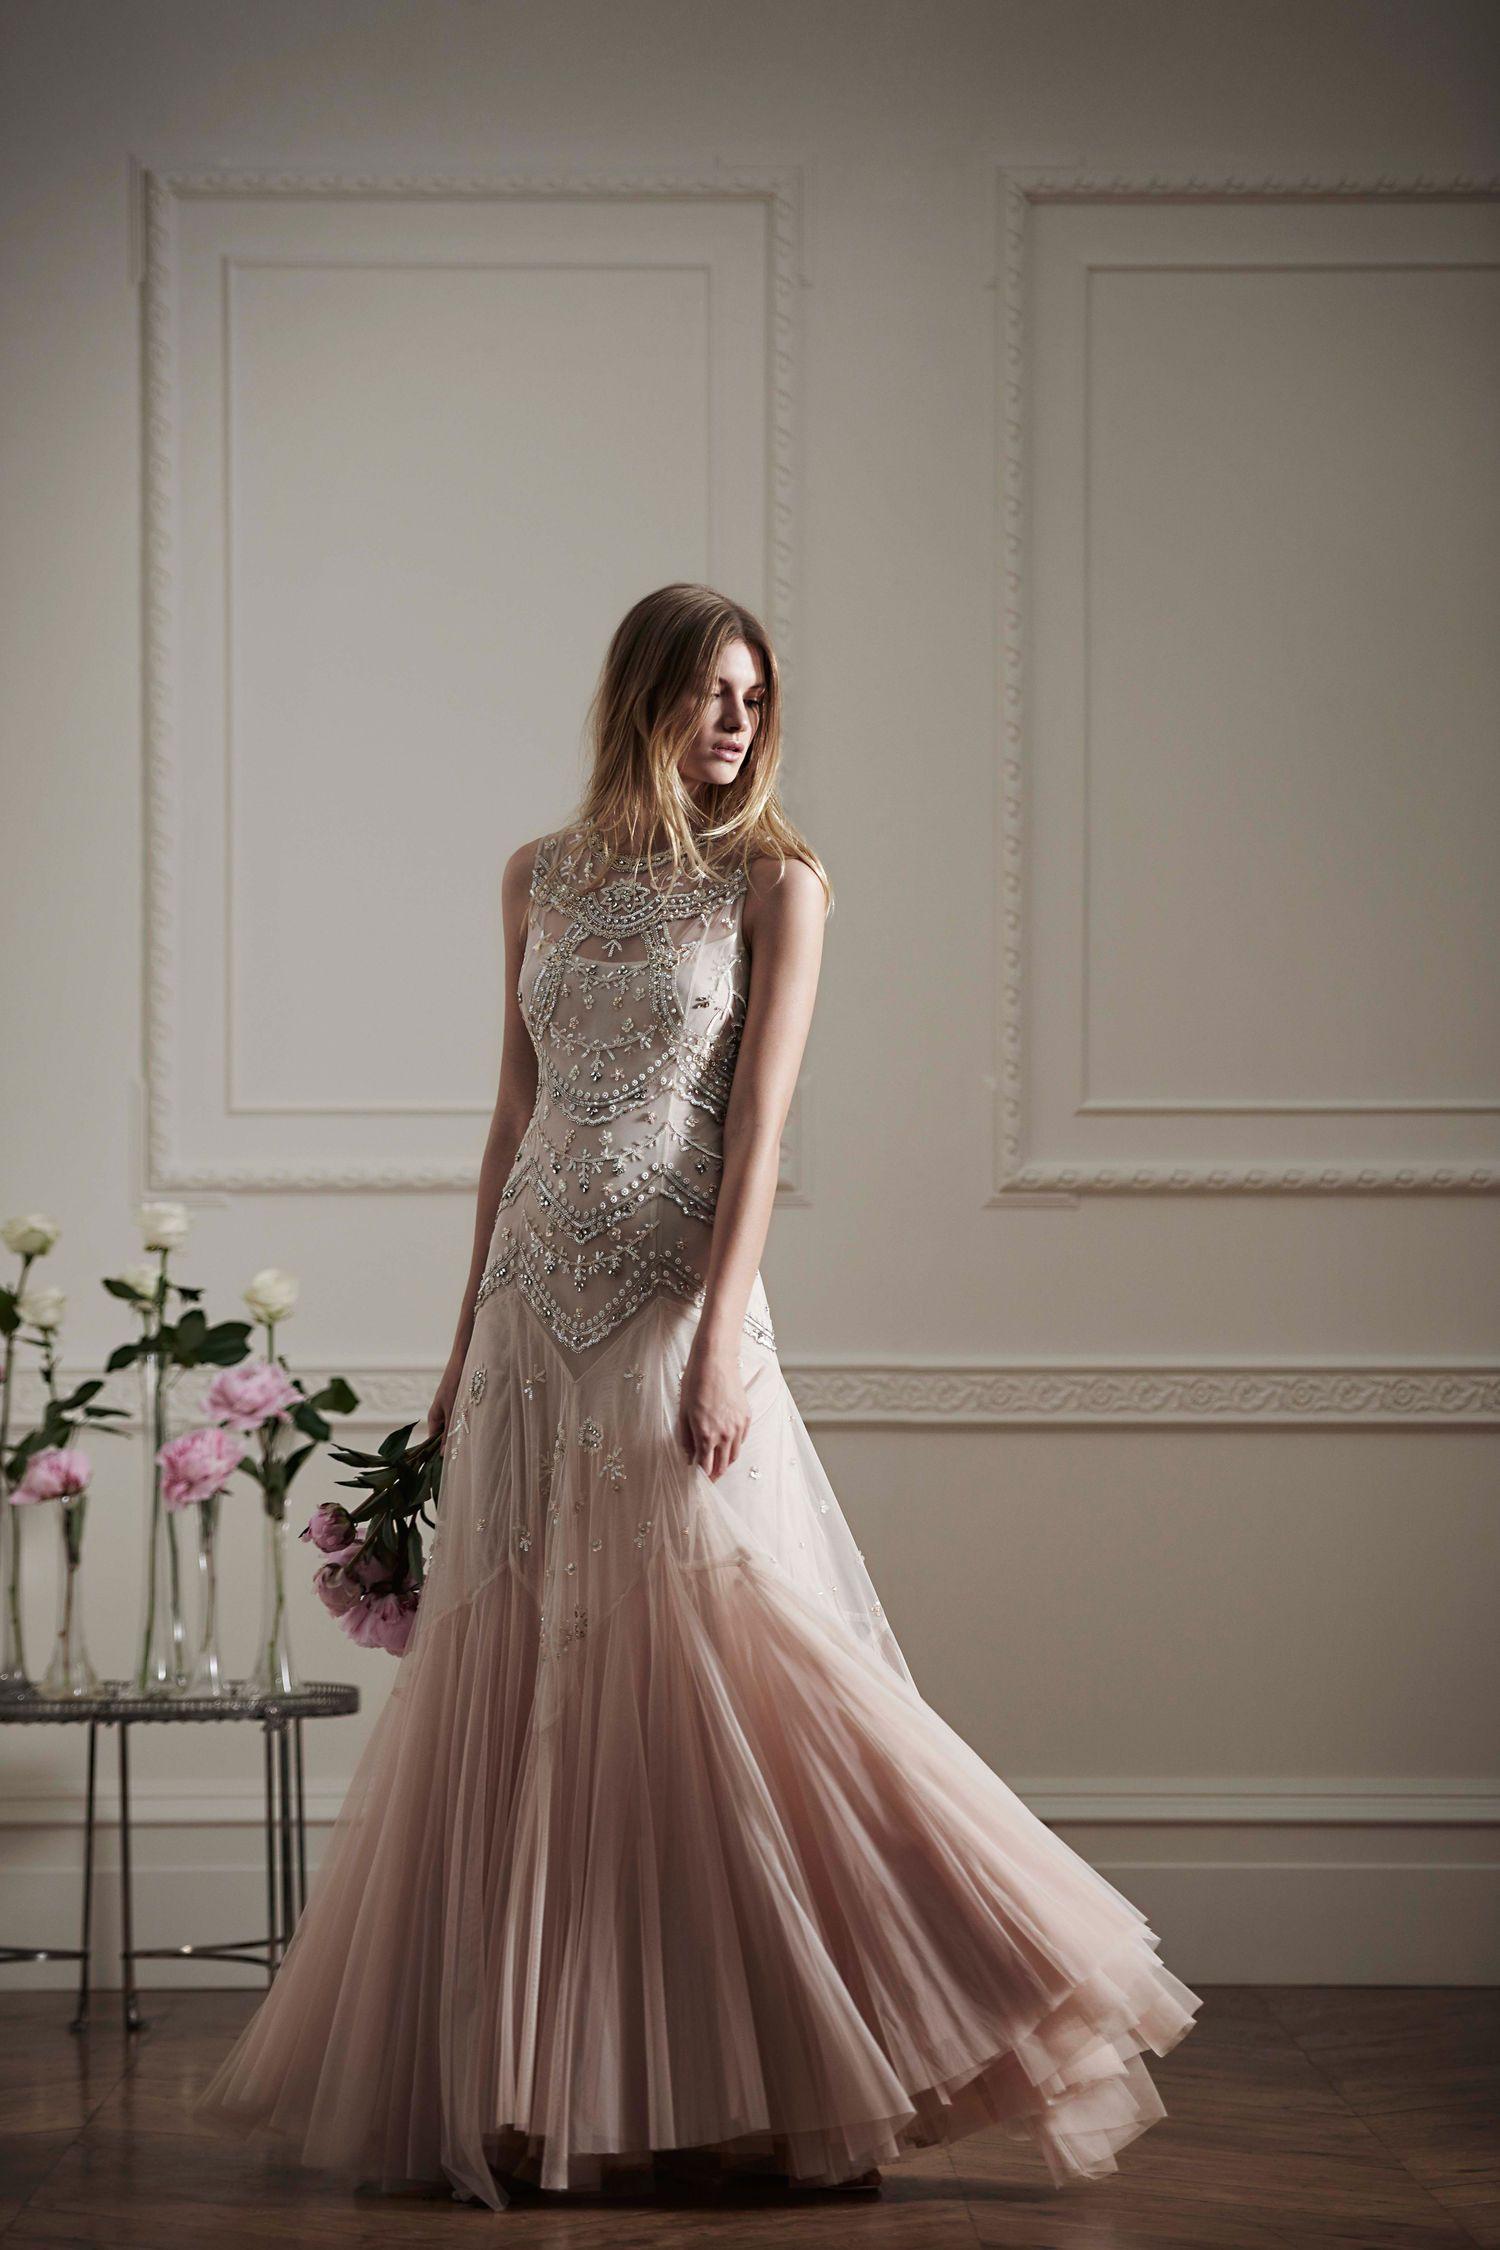 Brautkleider: Für Die Preiswerte Traumhochzeit | Brautkleid